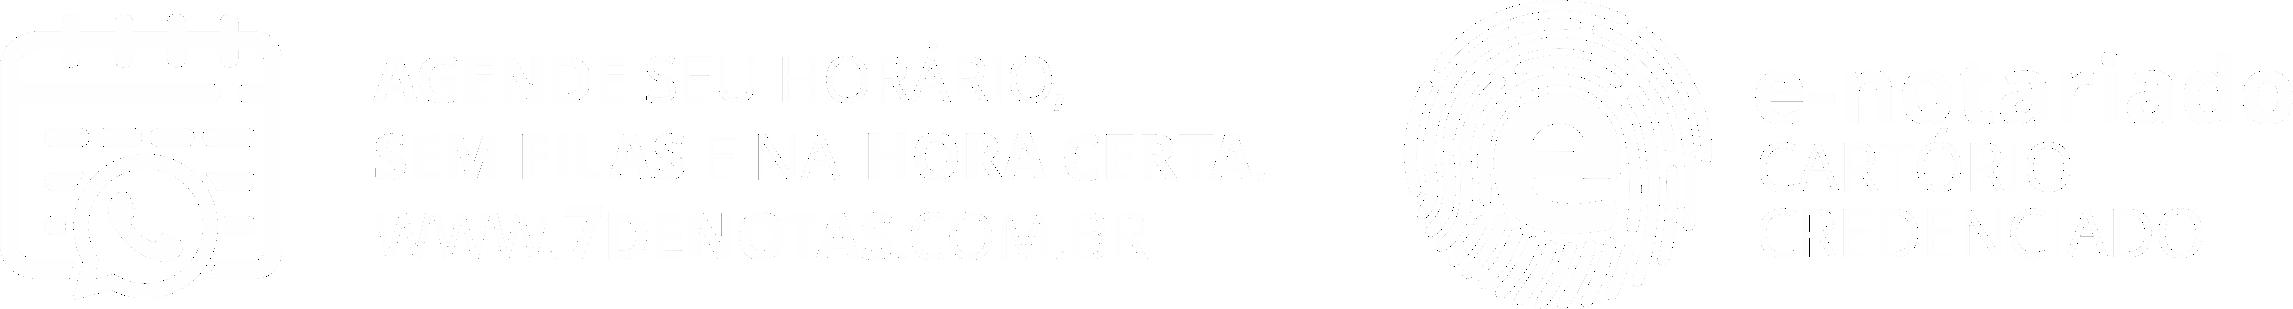 Sétimo Ofício de Notas – Belo Horizonte